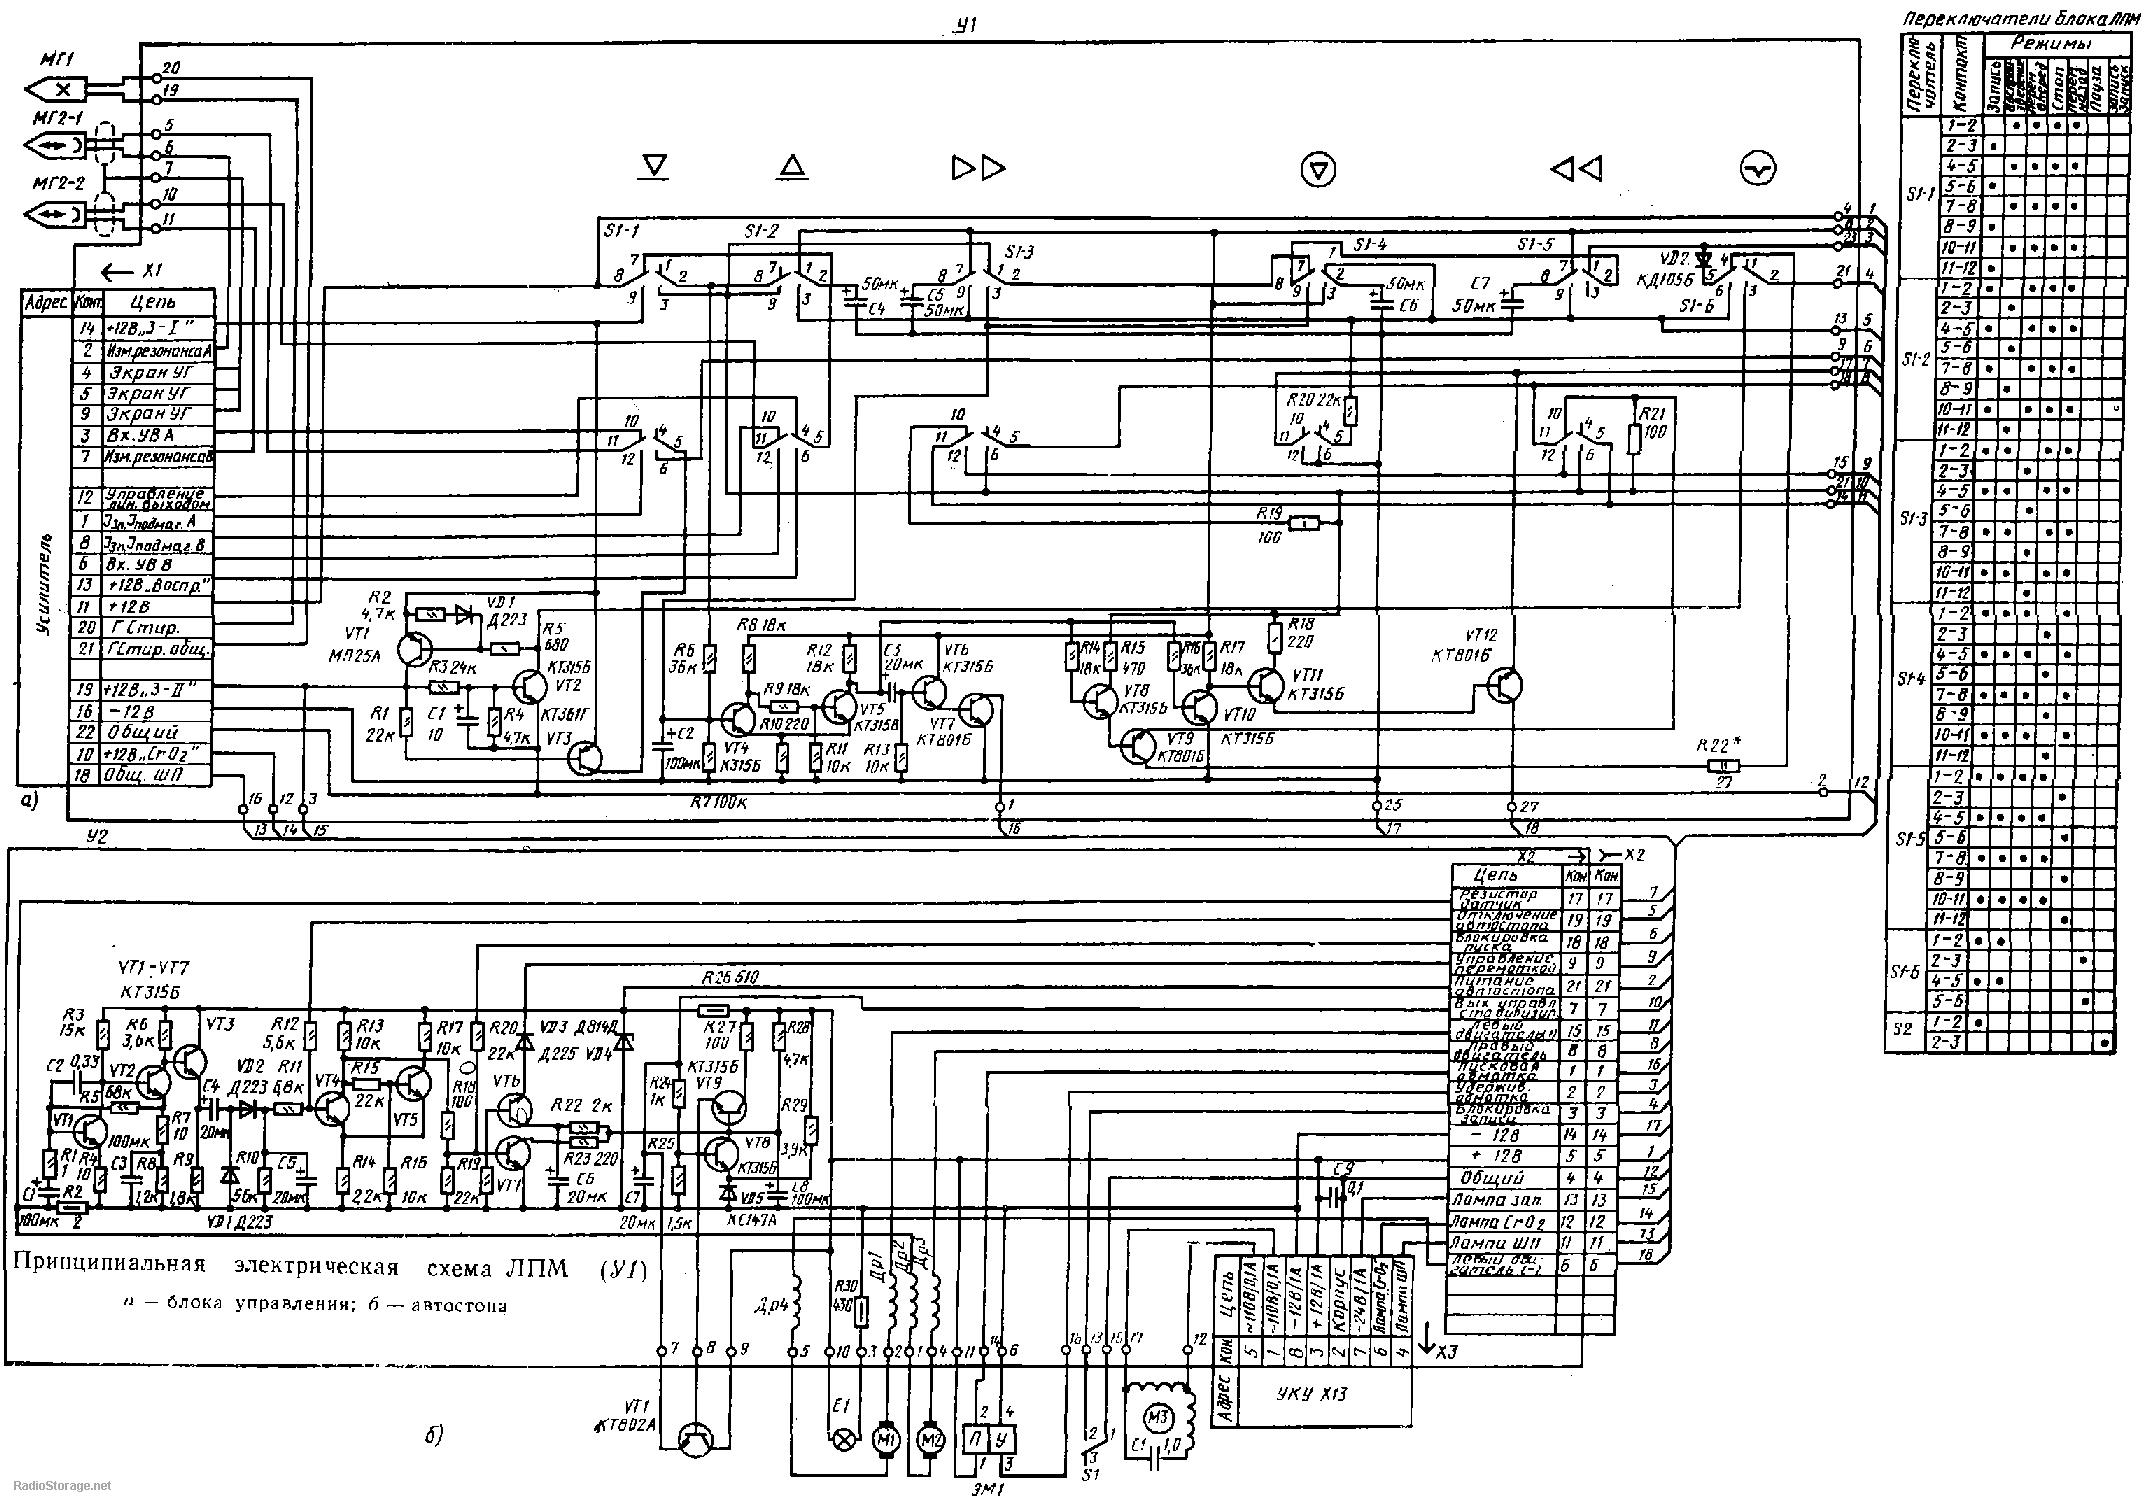 Такт-001 стерео (тюнер, магнитофон, усилитель), схема